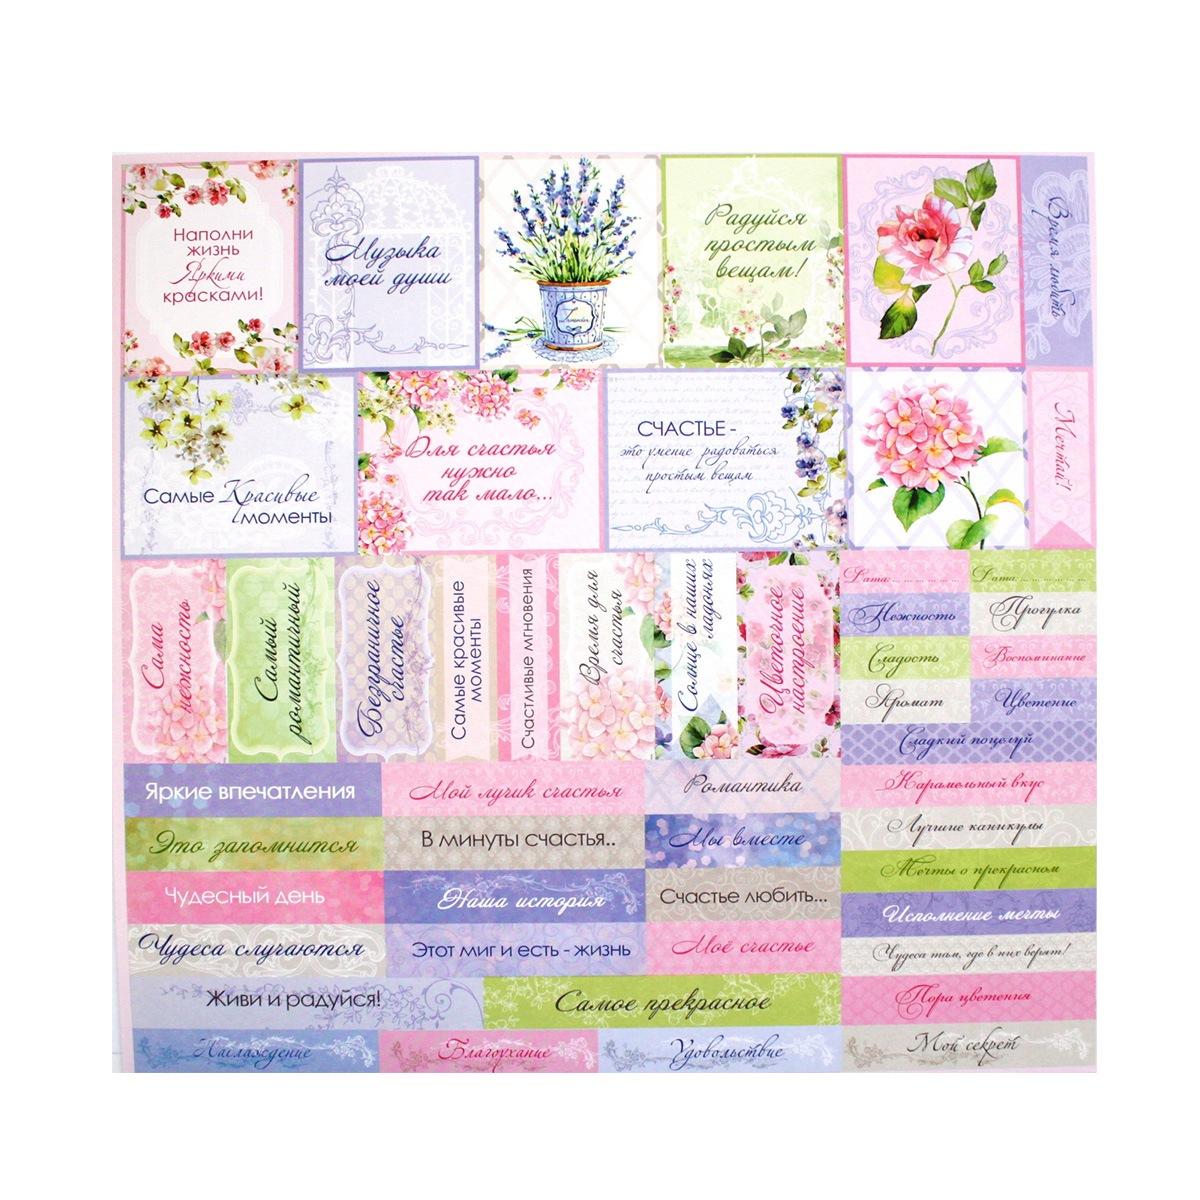 Бумага для скрапбукинга ScrapBerrys Цветущий сад. Карточки 2, 30,5 х 30,5 см, 10 листов. 497511497511